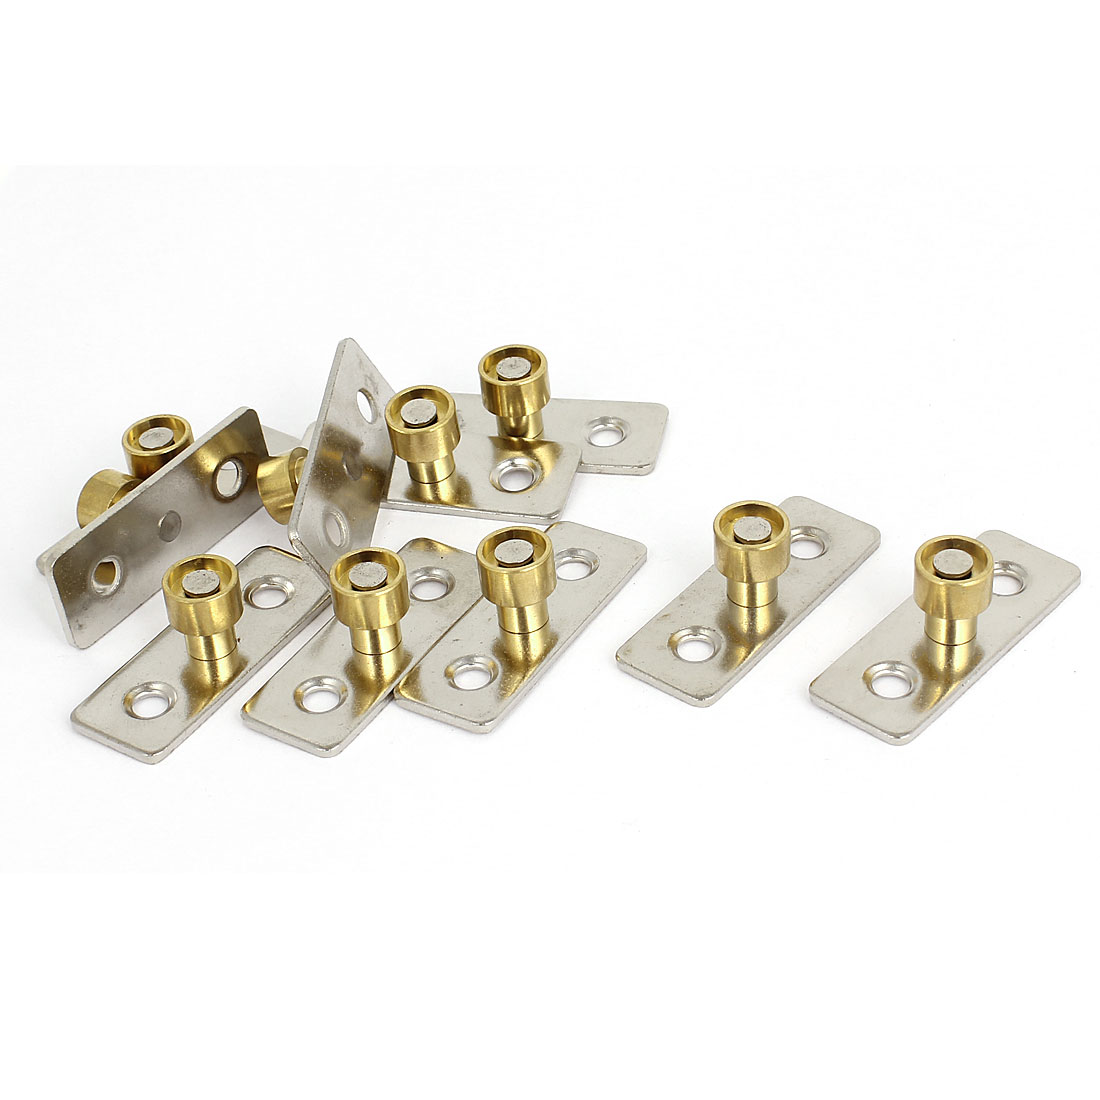 10pcs Metal 12mm Diameter Wooden Sliding Door Guide Locator Stopper